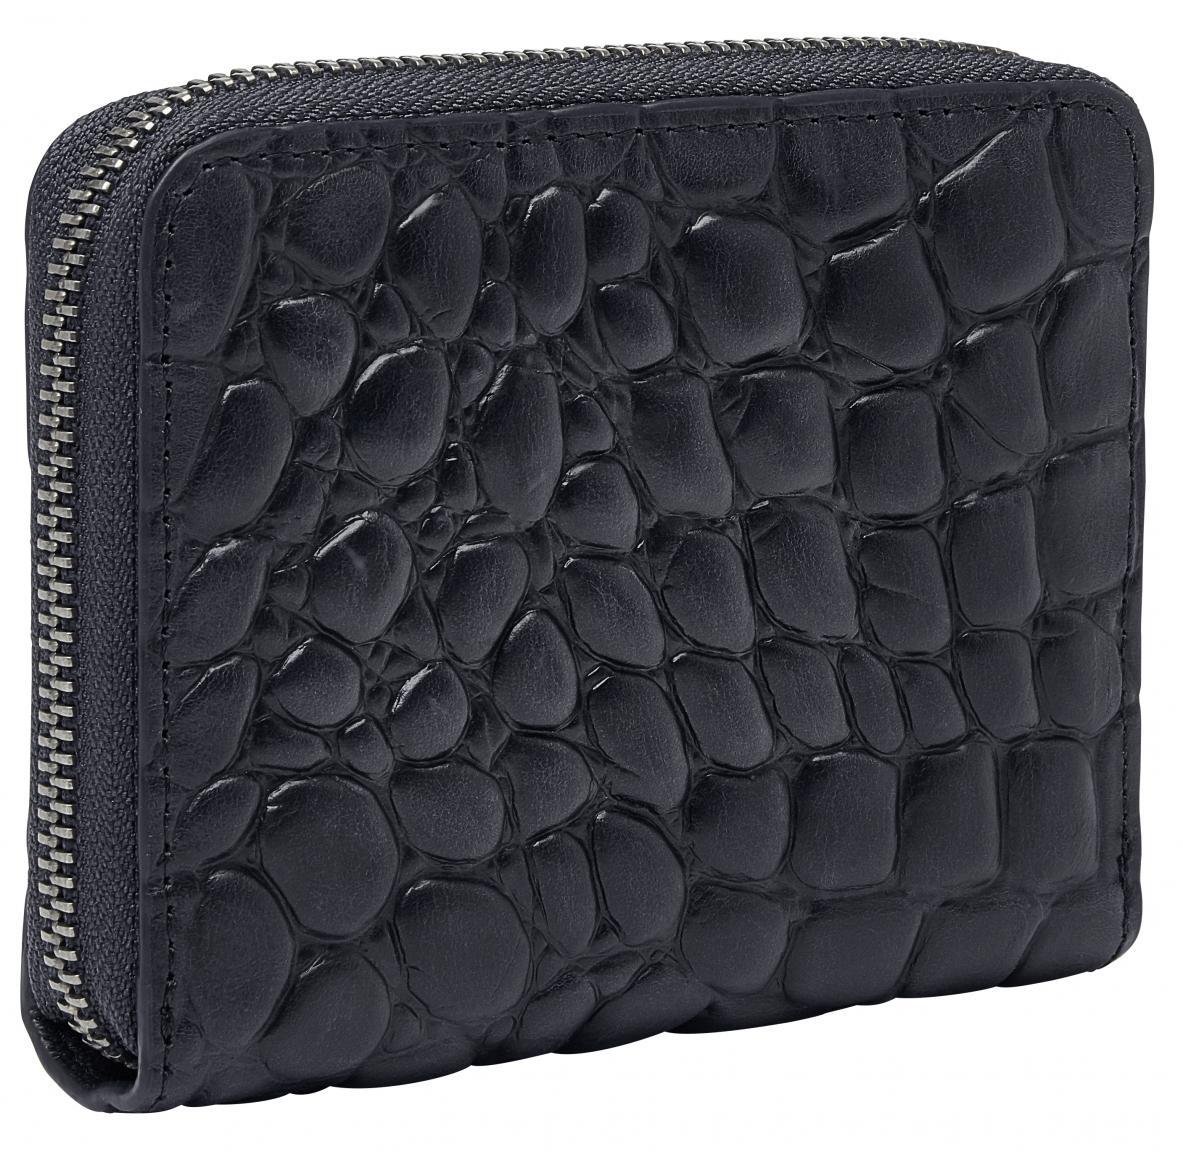 Conny Reptiloptik dunkelblau RFID Liebeskind Portemonnaie